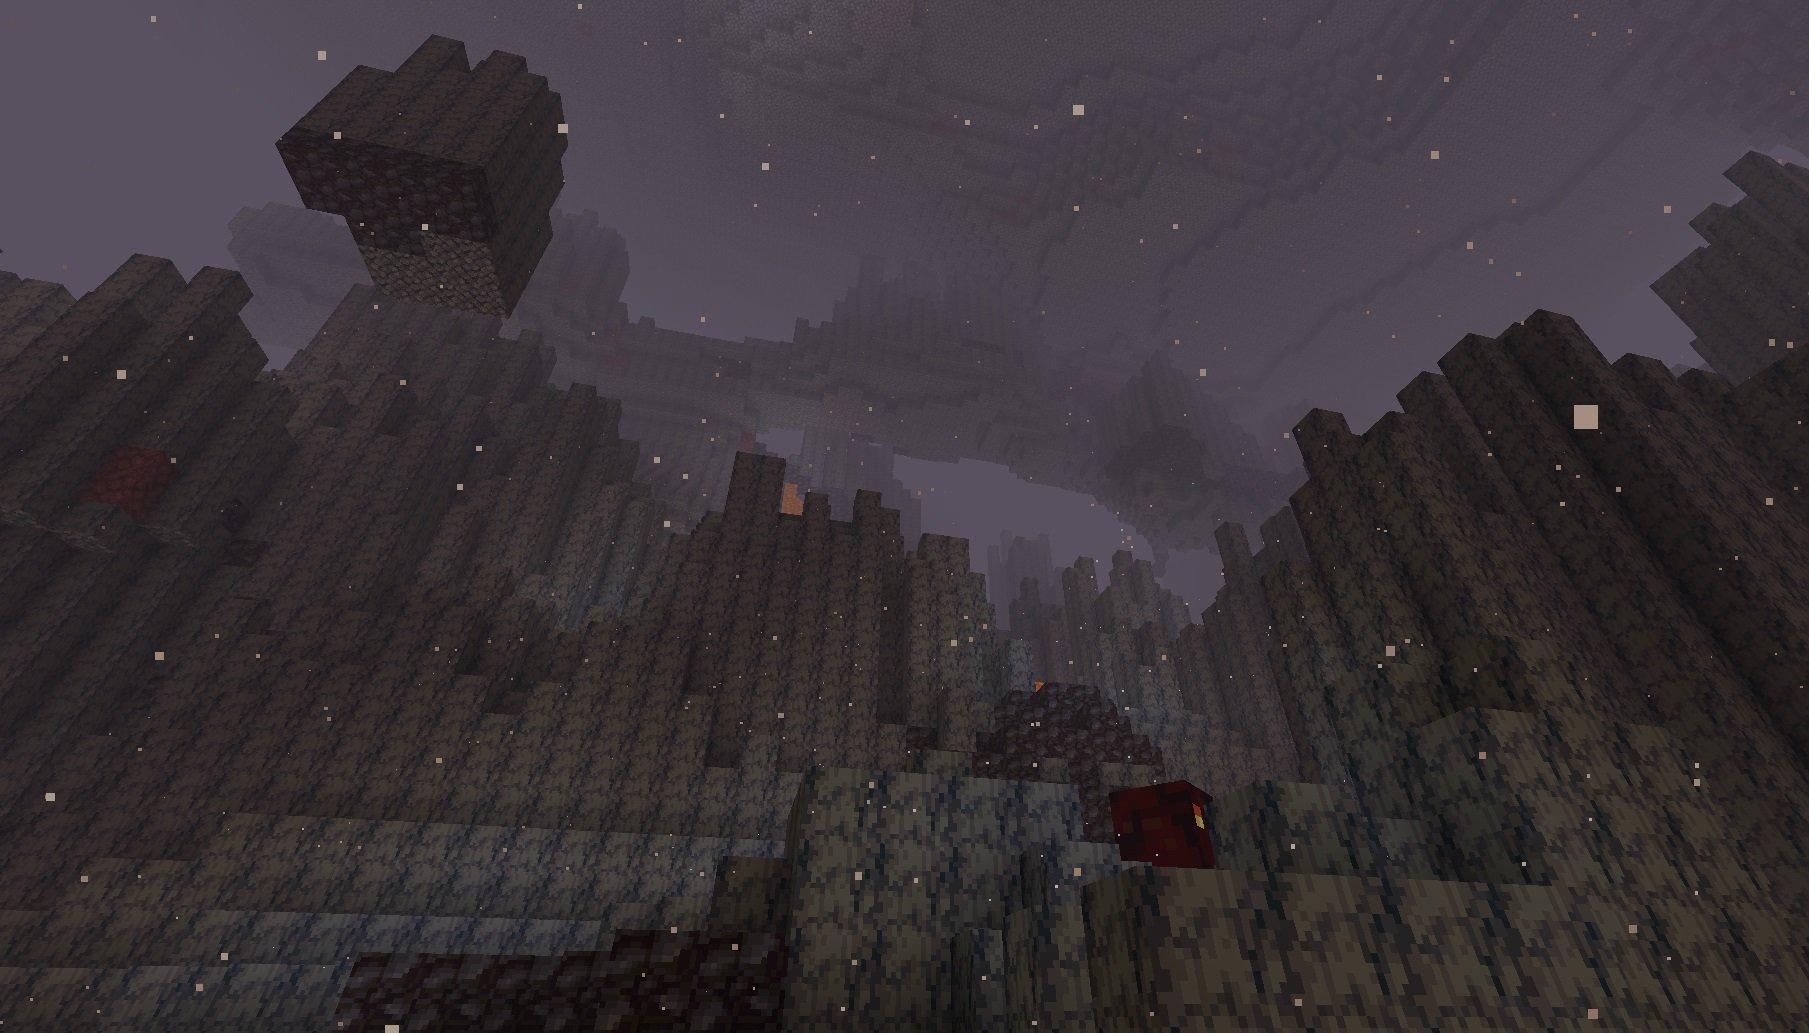 nowy biom bazaltowe delty w netherze minecraft img2